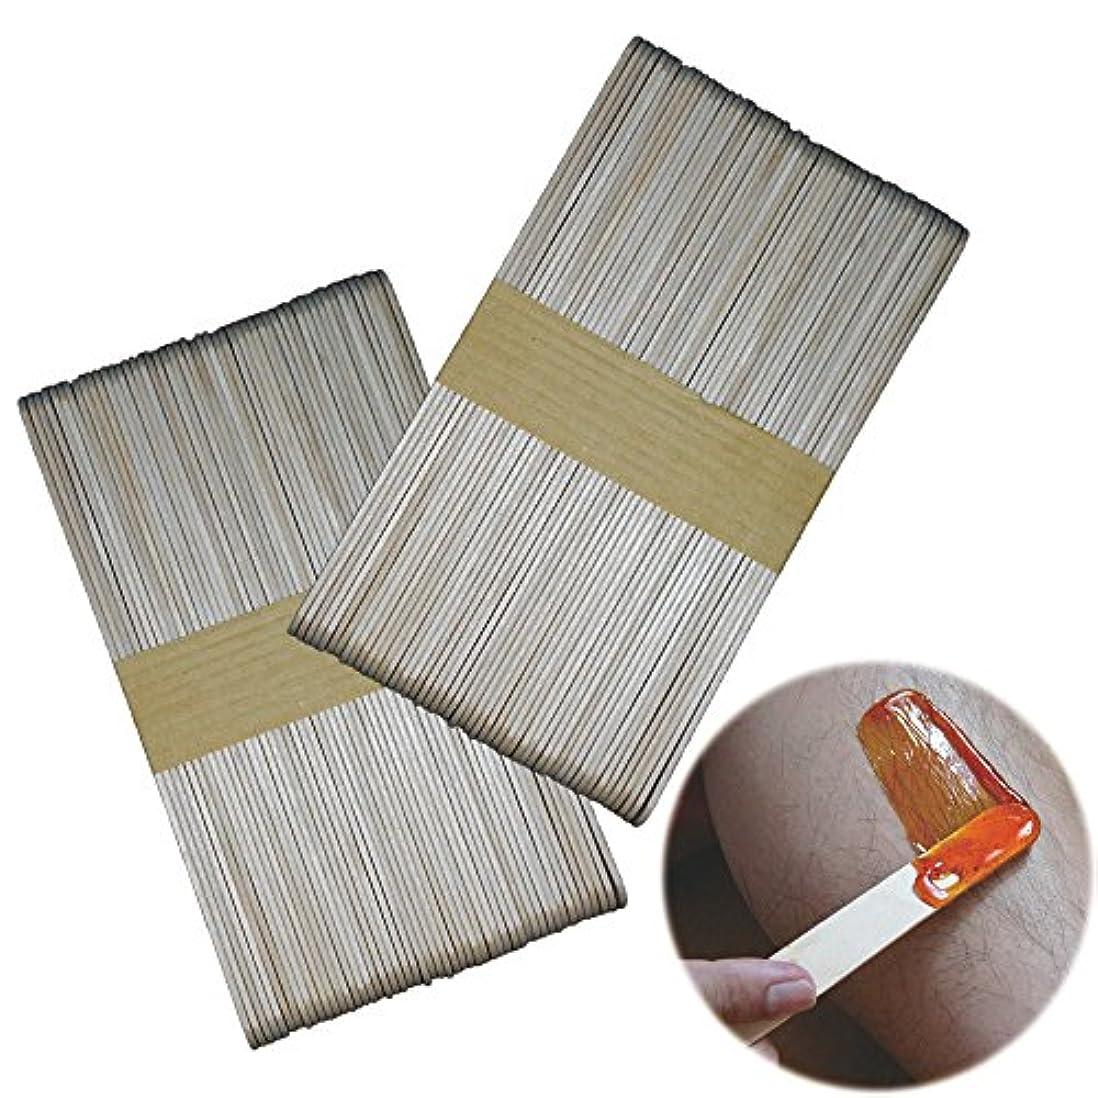 【白樺材】ウッドスパチュラ 100本 / 木製 スパチュラ 150mm(長さ)x16.5mm(幅)/ ハダカタイプ